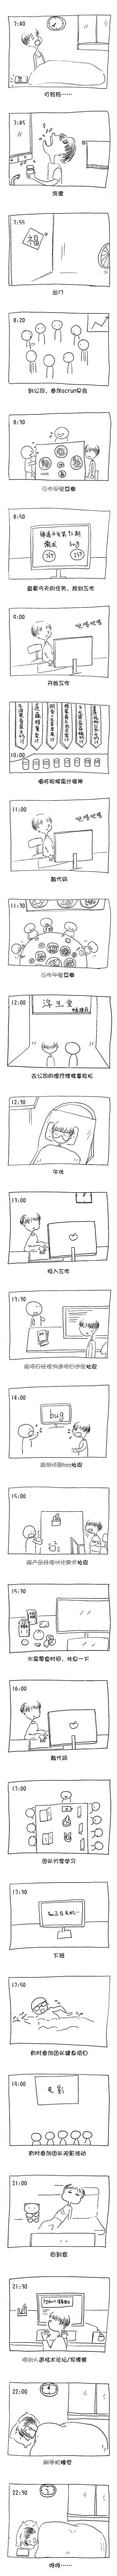 漫画:禅道程序员的一天